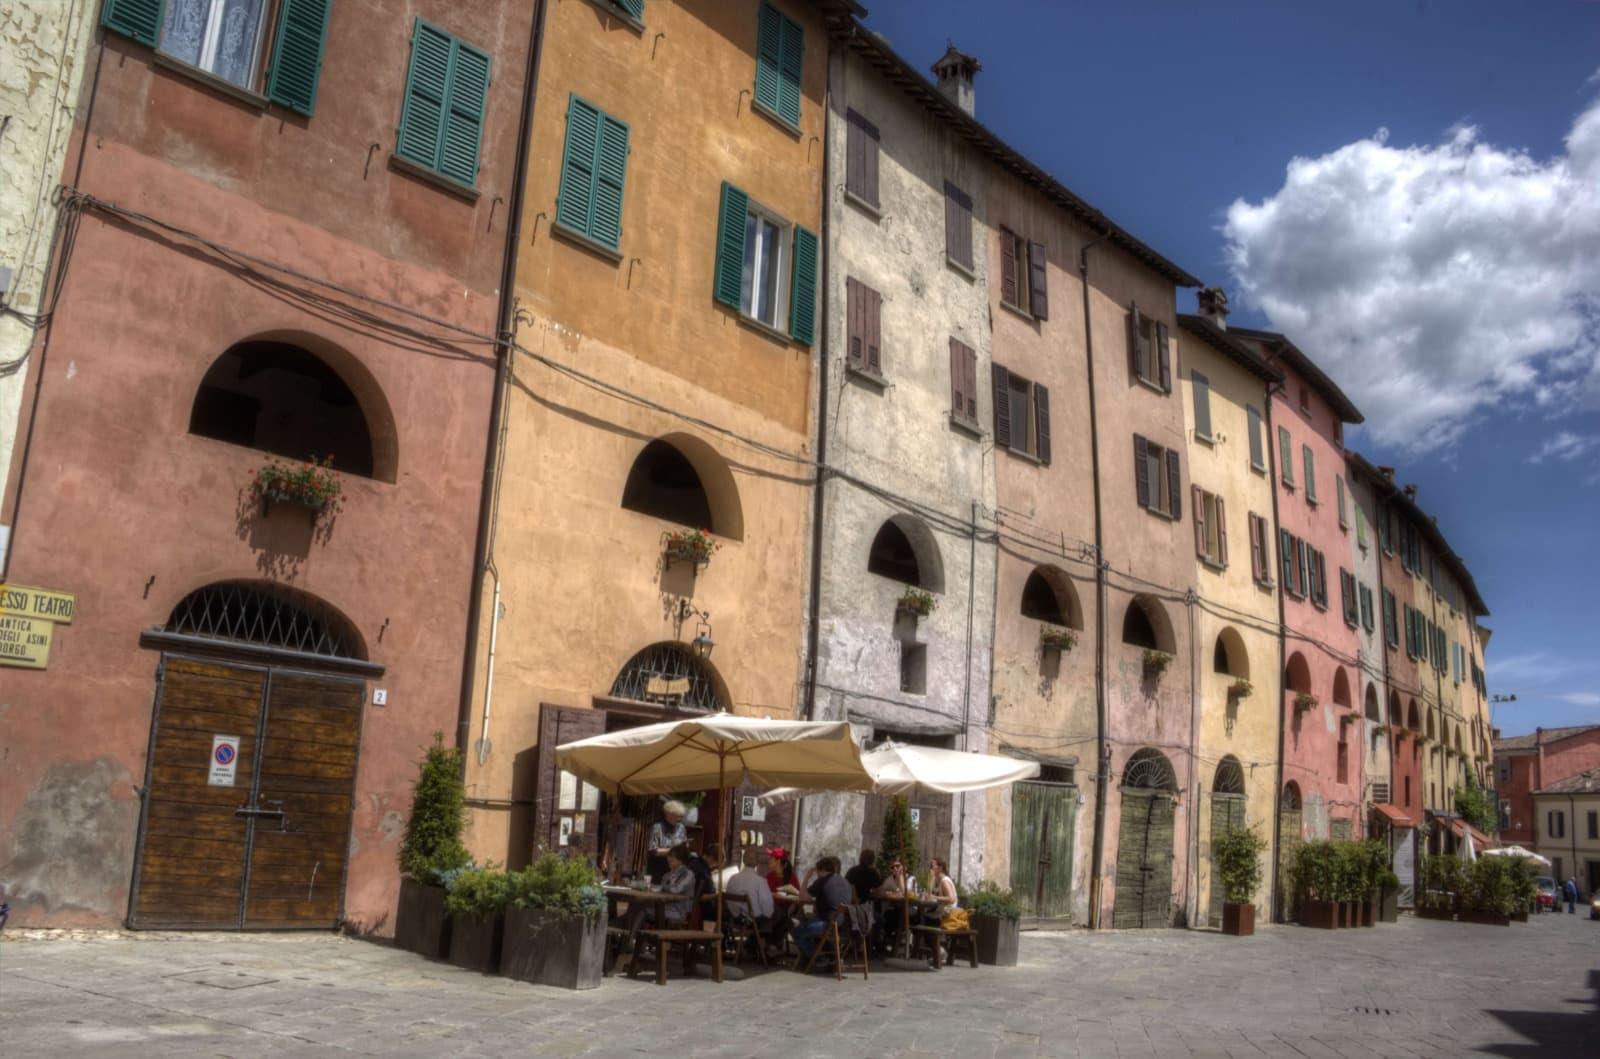 Brisighella, Via degli Asini - Vie di Dante